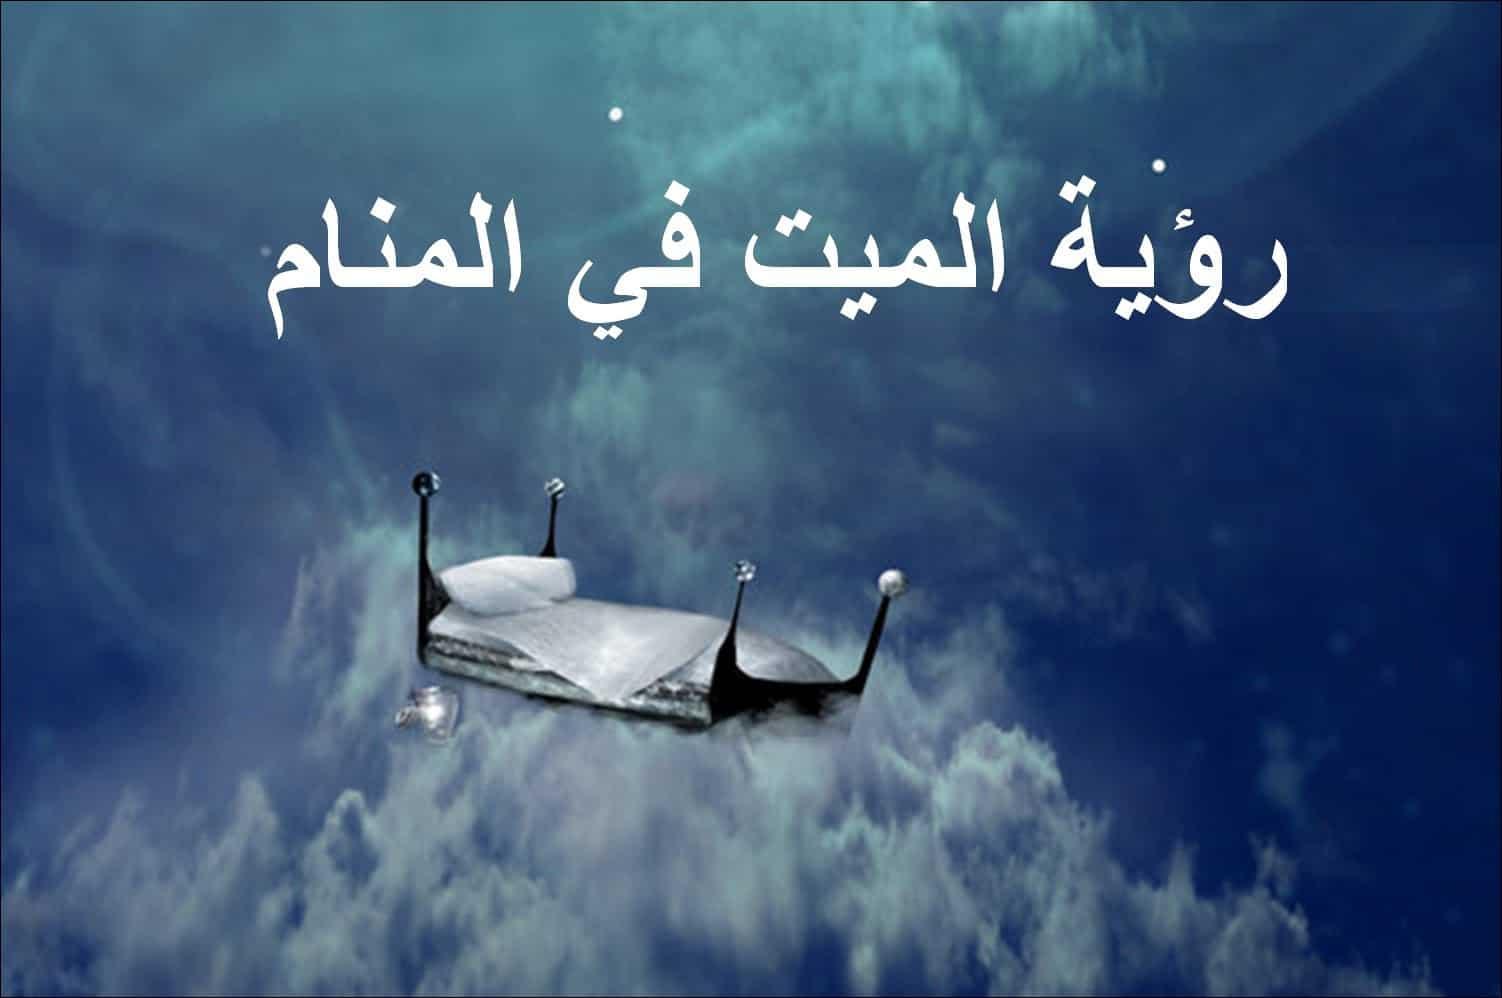 صورة كلام الميت للحي في المنام , تفسير رؤيه الميت يكلمك في المنام 3144 2